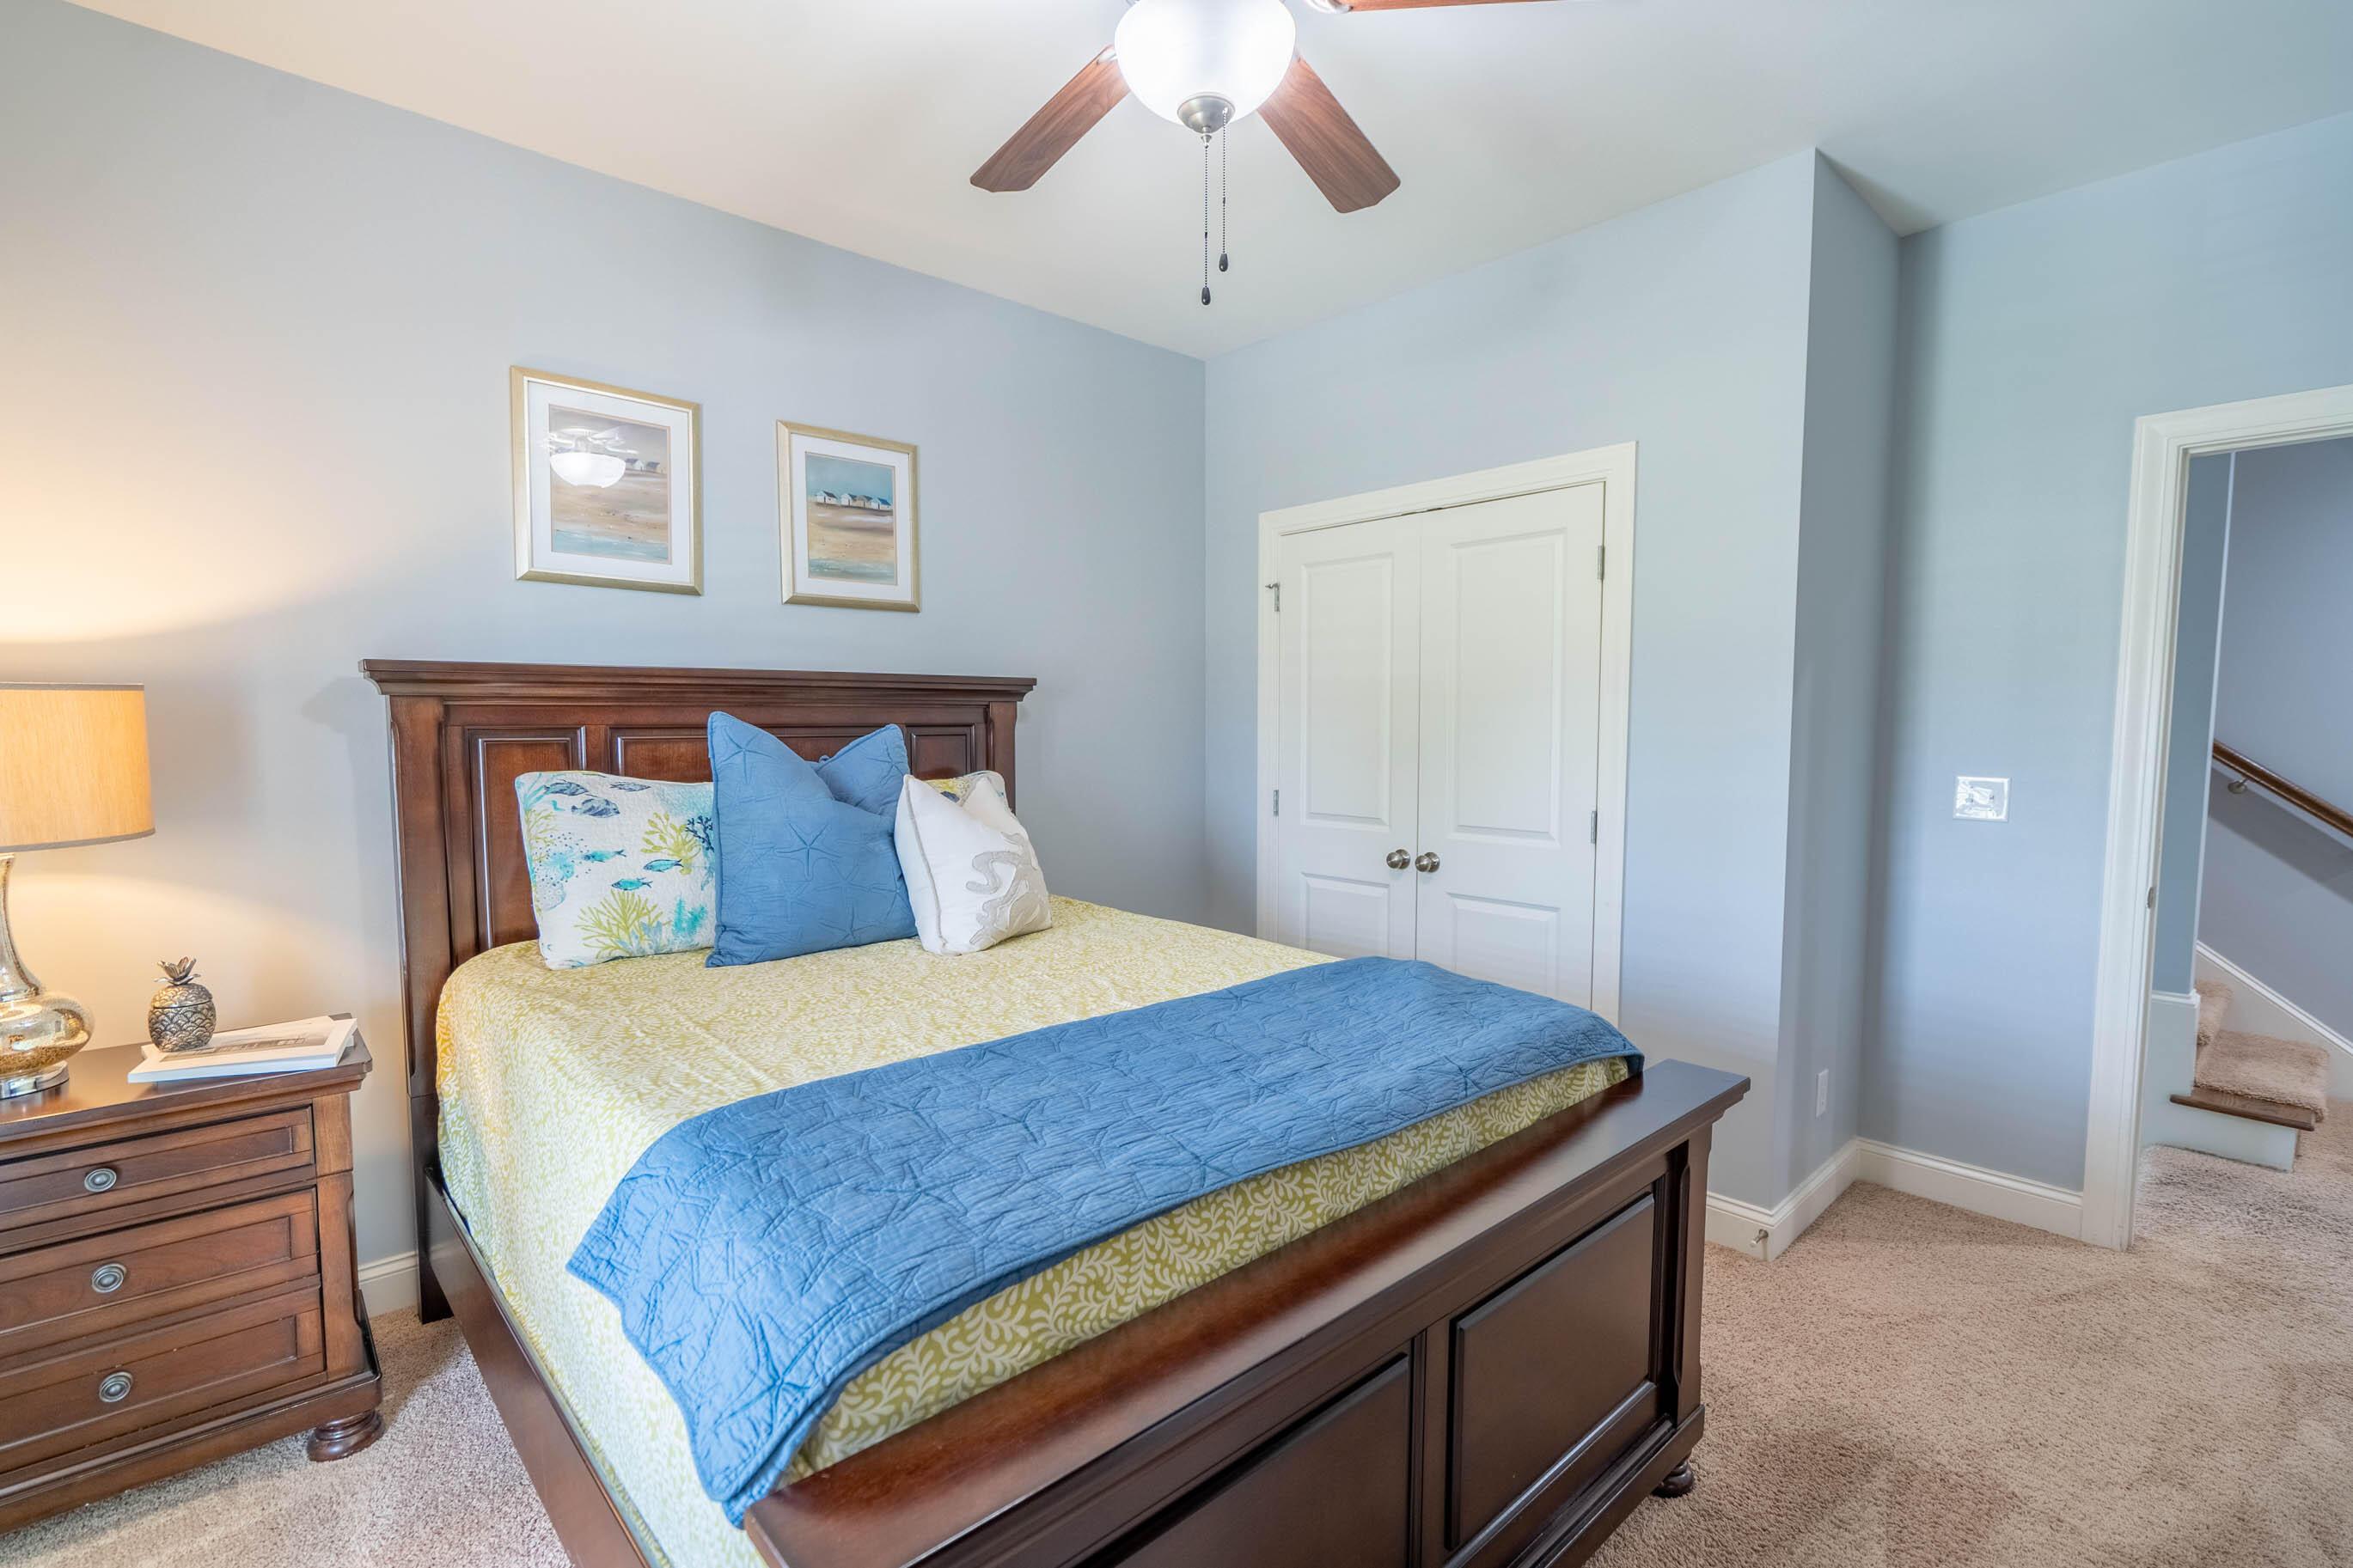 Dunes West Homes For Sale - 2997 Sturbridge, Mount Pleasant, SC - 42